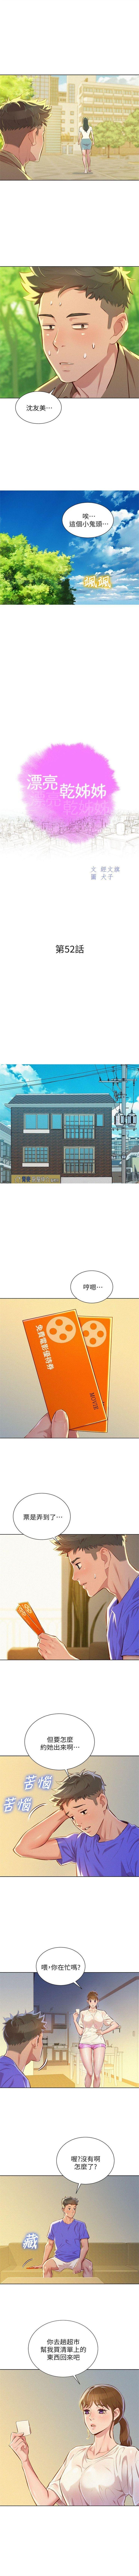 (週7)漂亮幹姐姐  1-92 中文翻譯 (更新中) 271